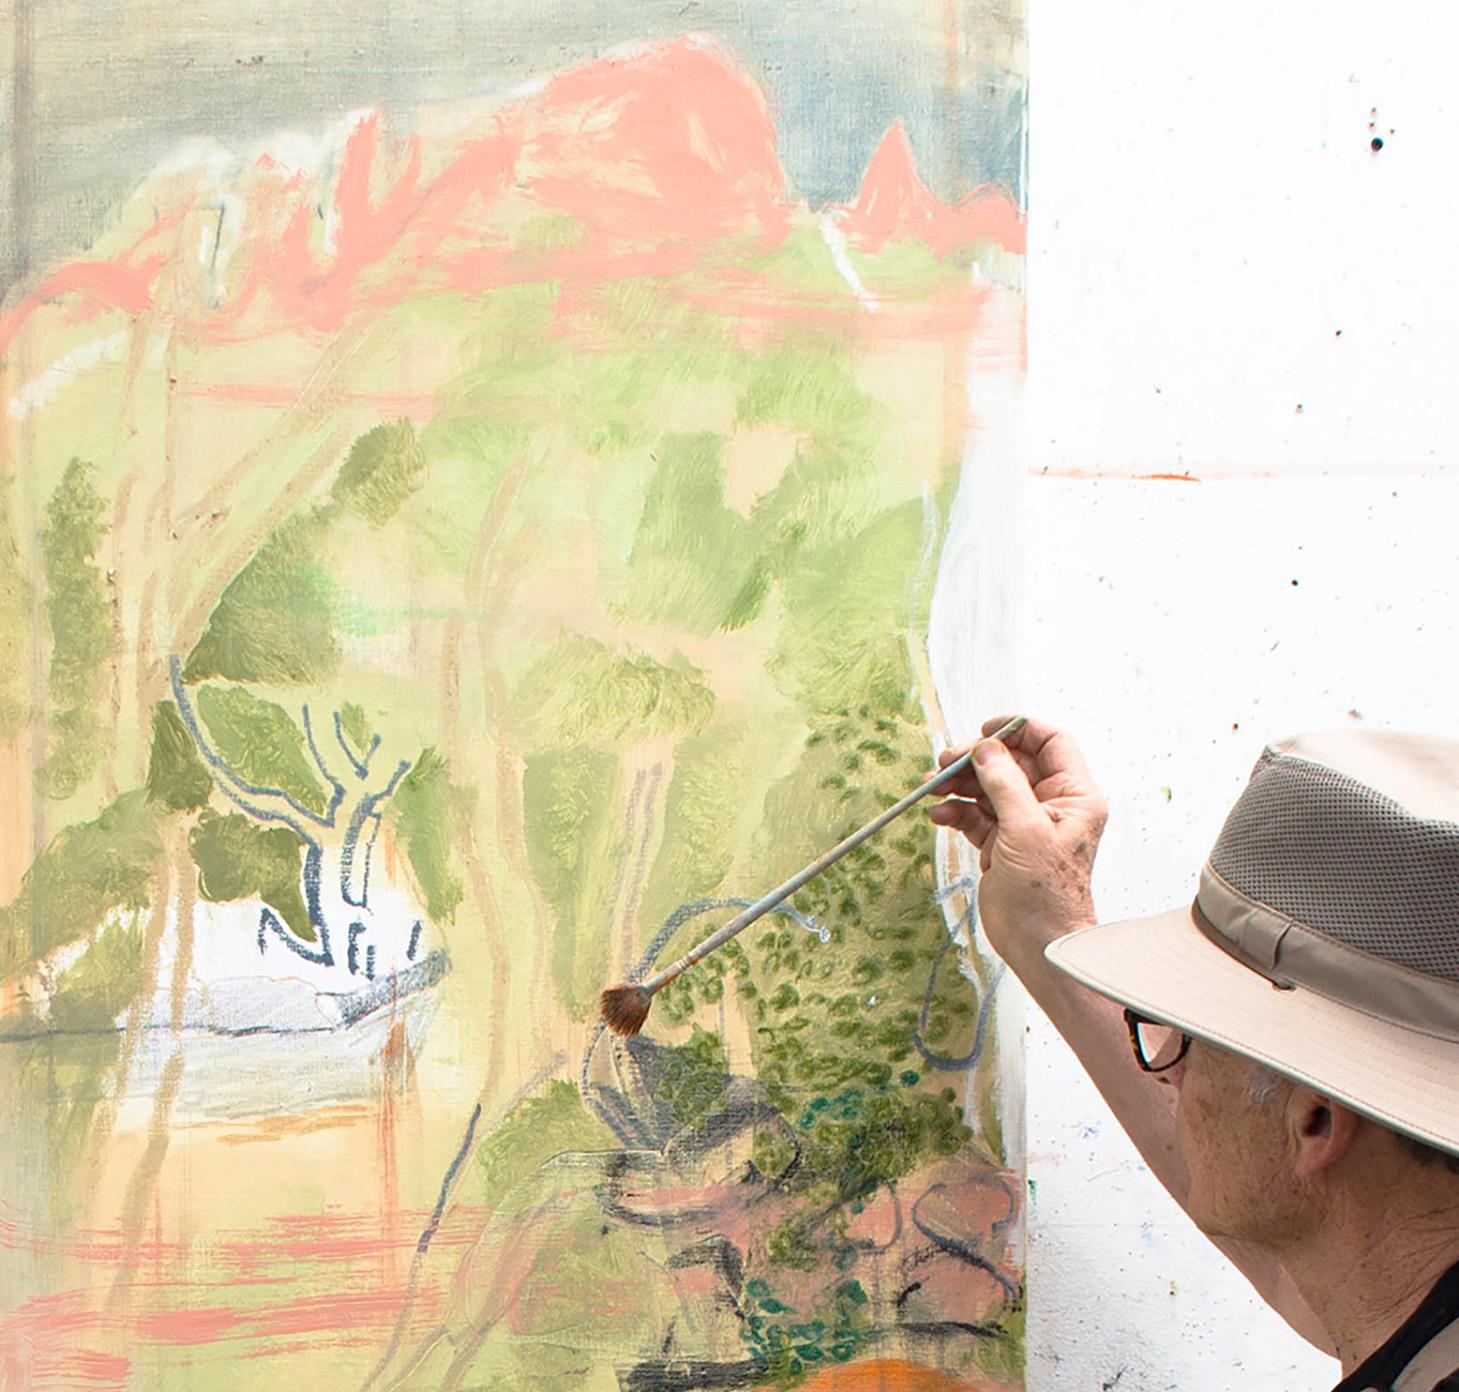 SITE-6-7-19  PT paints sixth month_-CROP.jpg